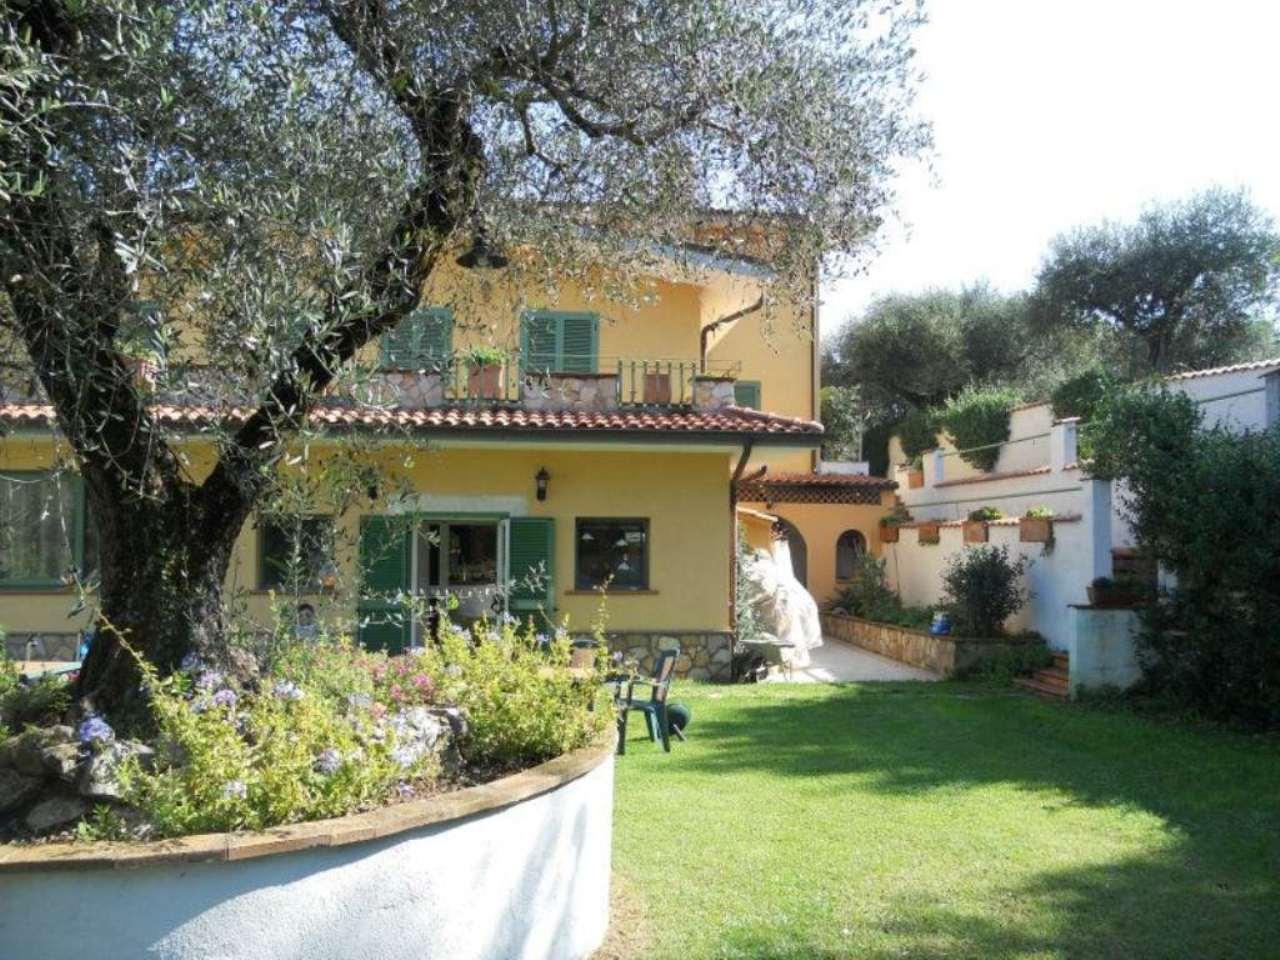 Villa in affitto a Palombara Sabina, 9999 locali, prezzo € 8.000 | CambioCasa.it